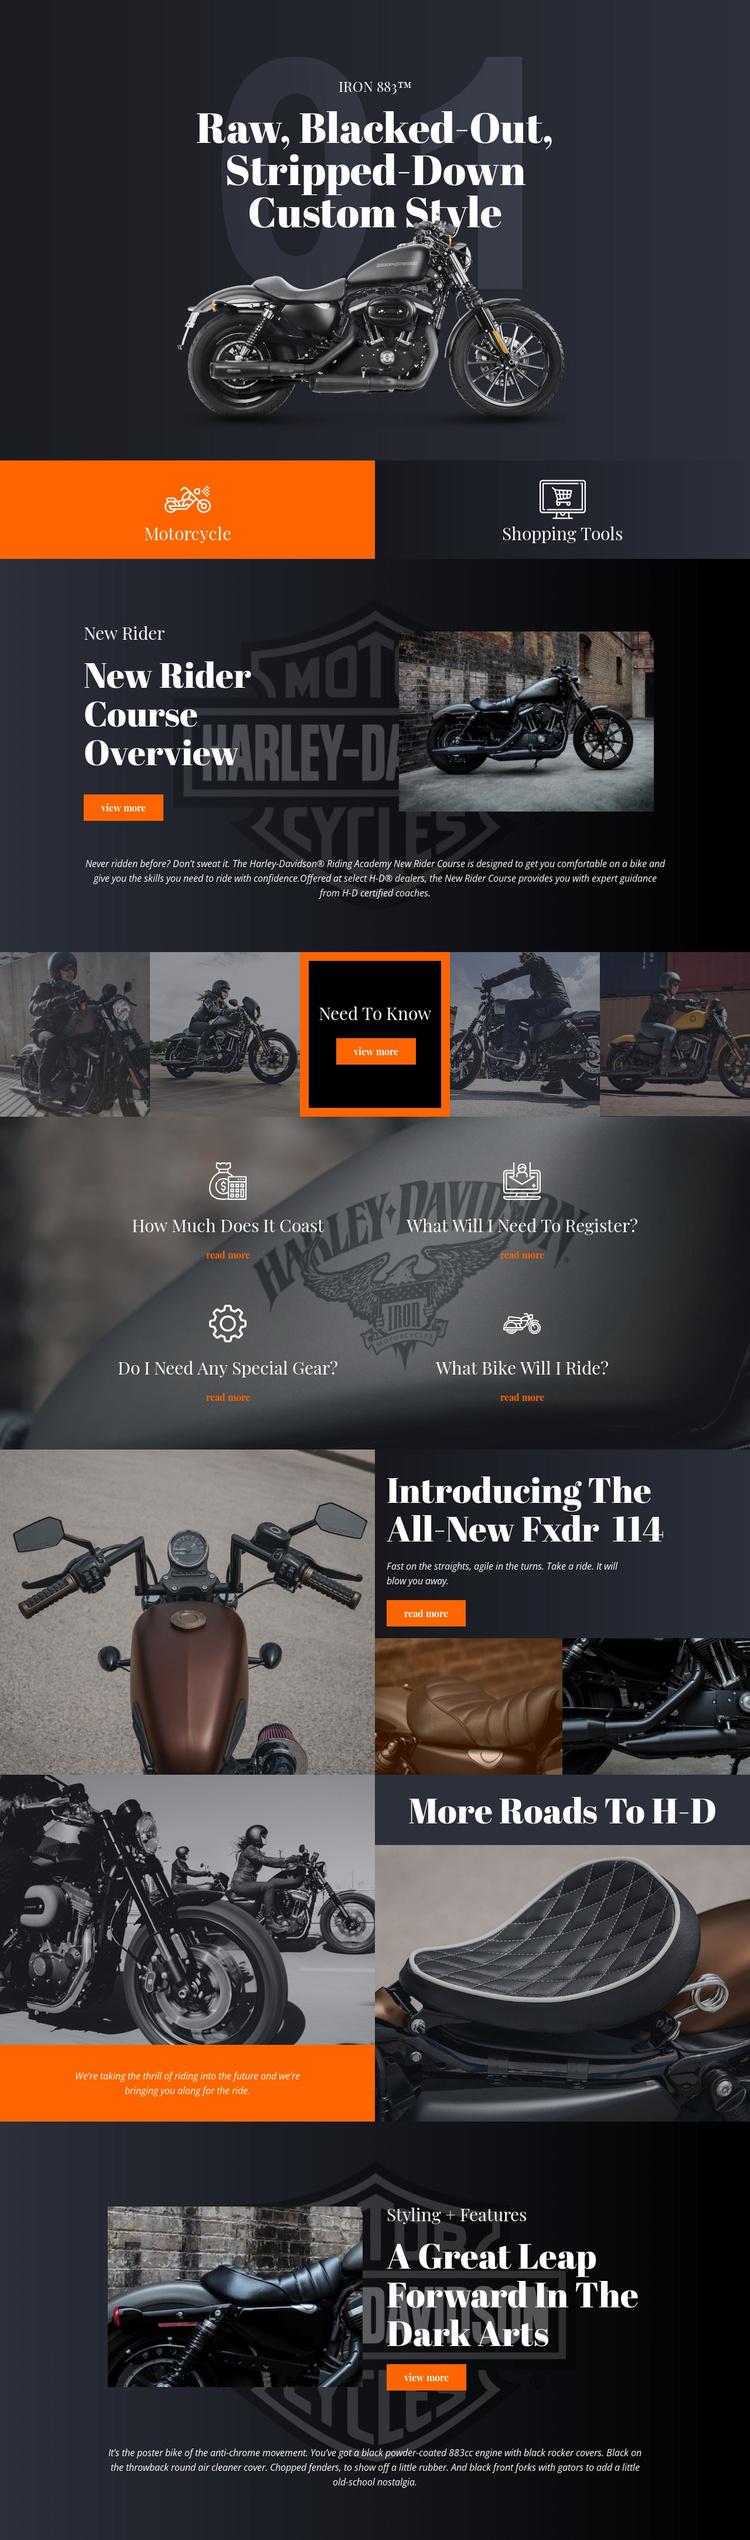 Harley Davidson Website Template